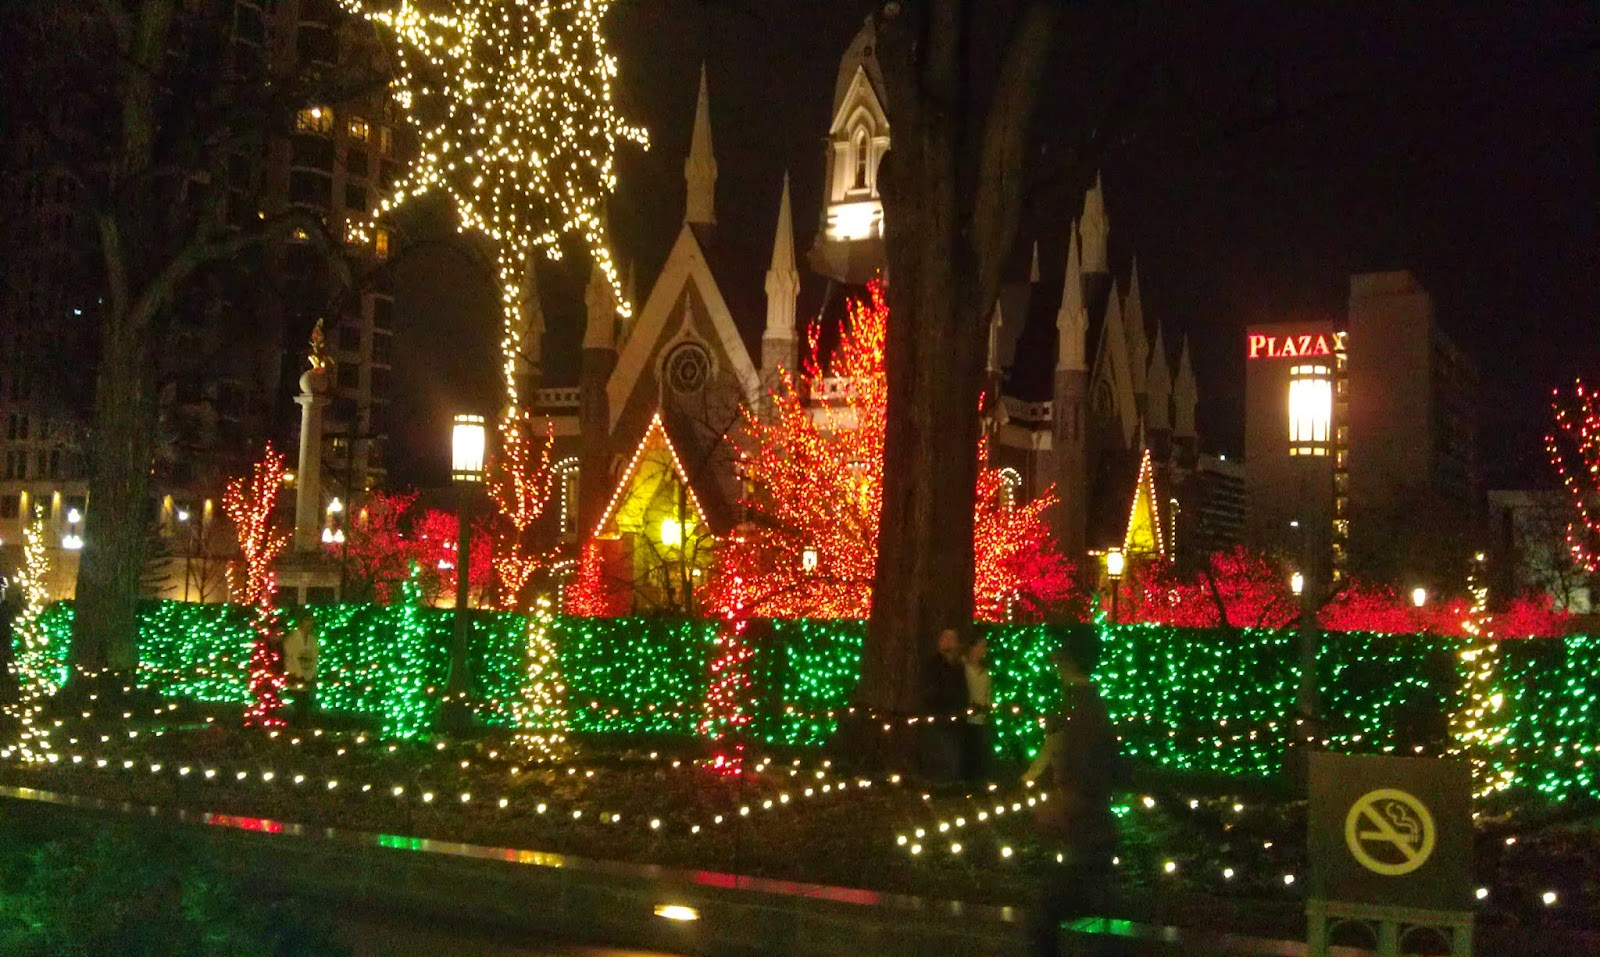 Temple Square Salt Lake City Christmas Lights.Running On Eddie Salt Lake City Temple Square Christmas Lights